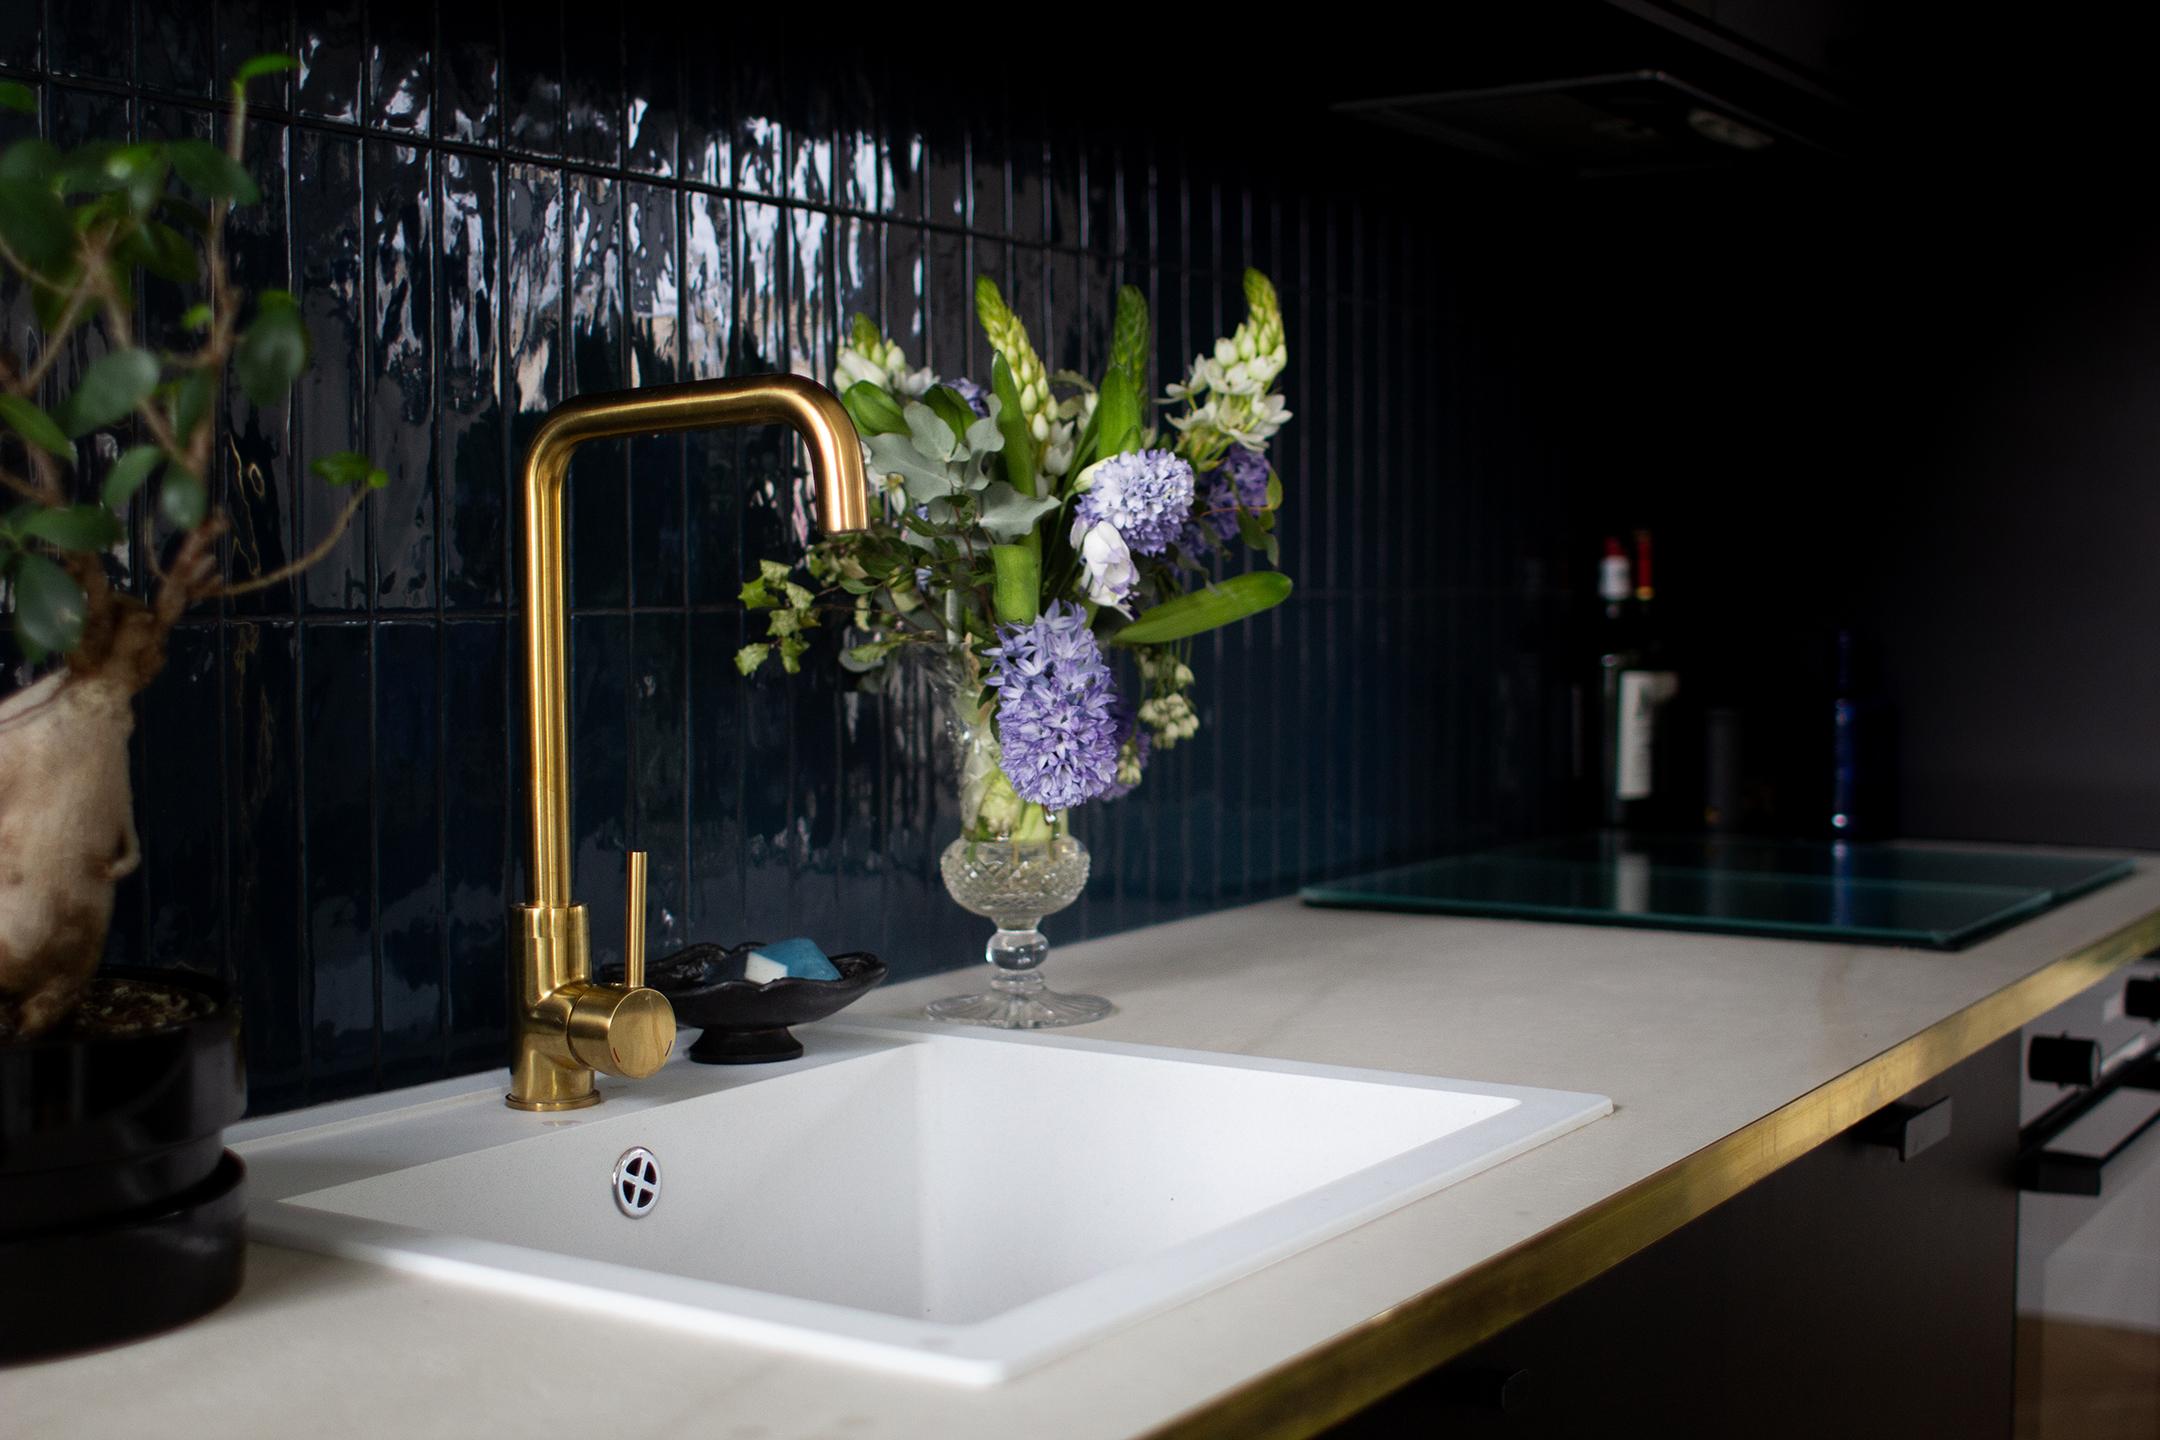 Cuisine noire, laiton et bleu foncé - Architecte d'intérieur Studio Mariekke - Paris